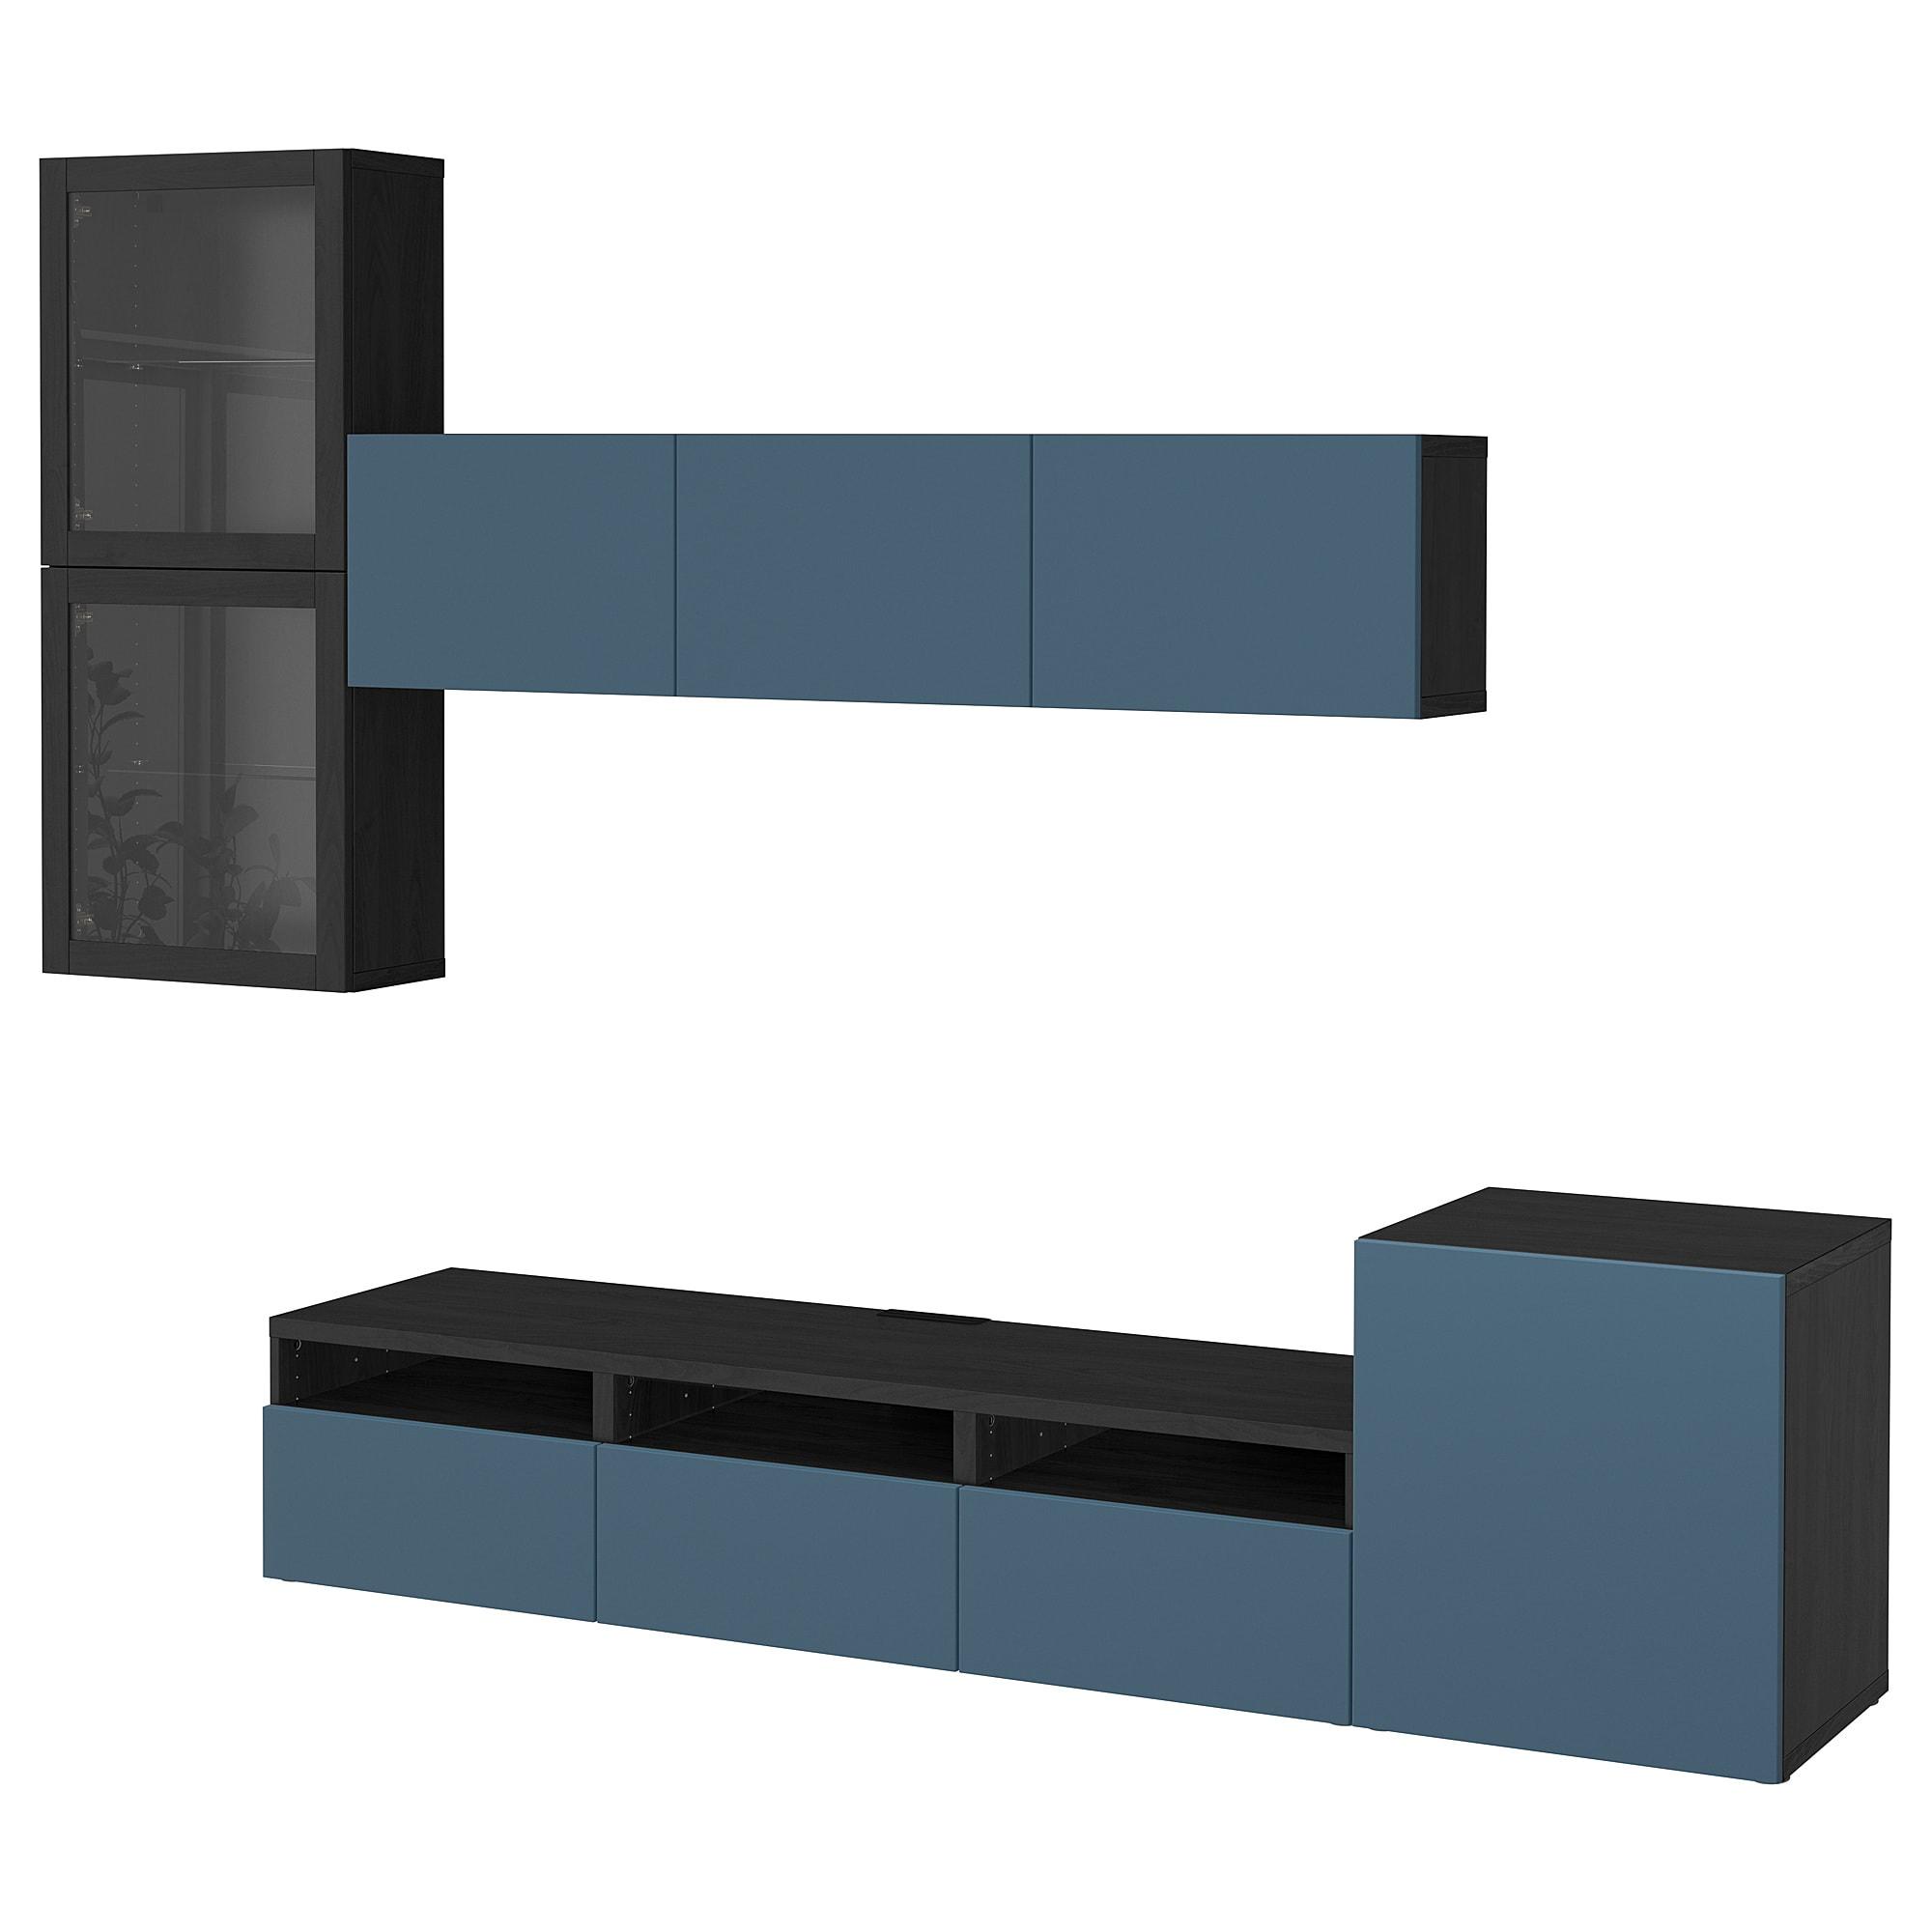 Шкаф для ТВ, комбинированный, стекляные дверцы БЕСТО артикуль № 292.522.19 в наличии. Интернет магазин IKEA РБ. Недорогая доставка и соборка.